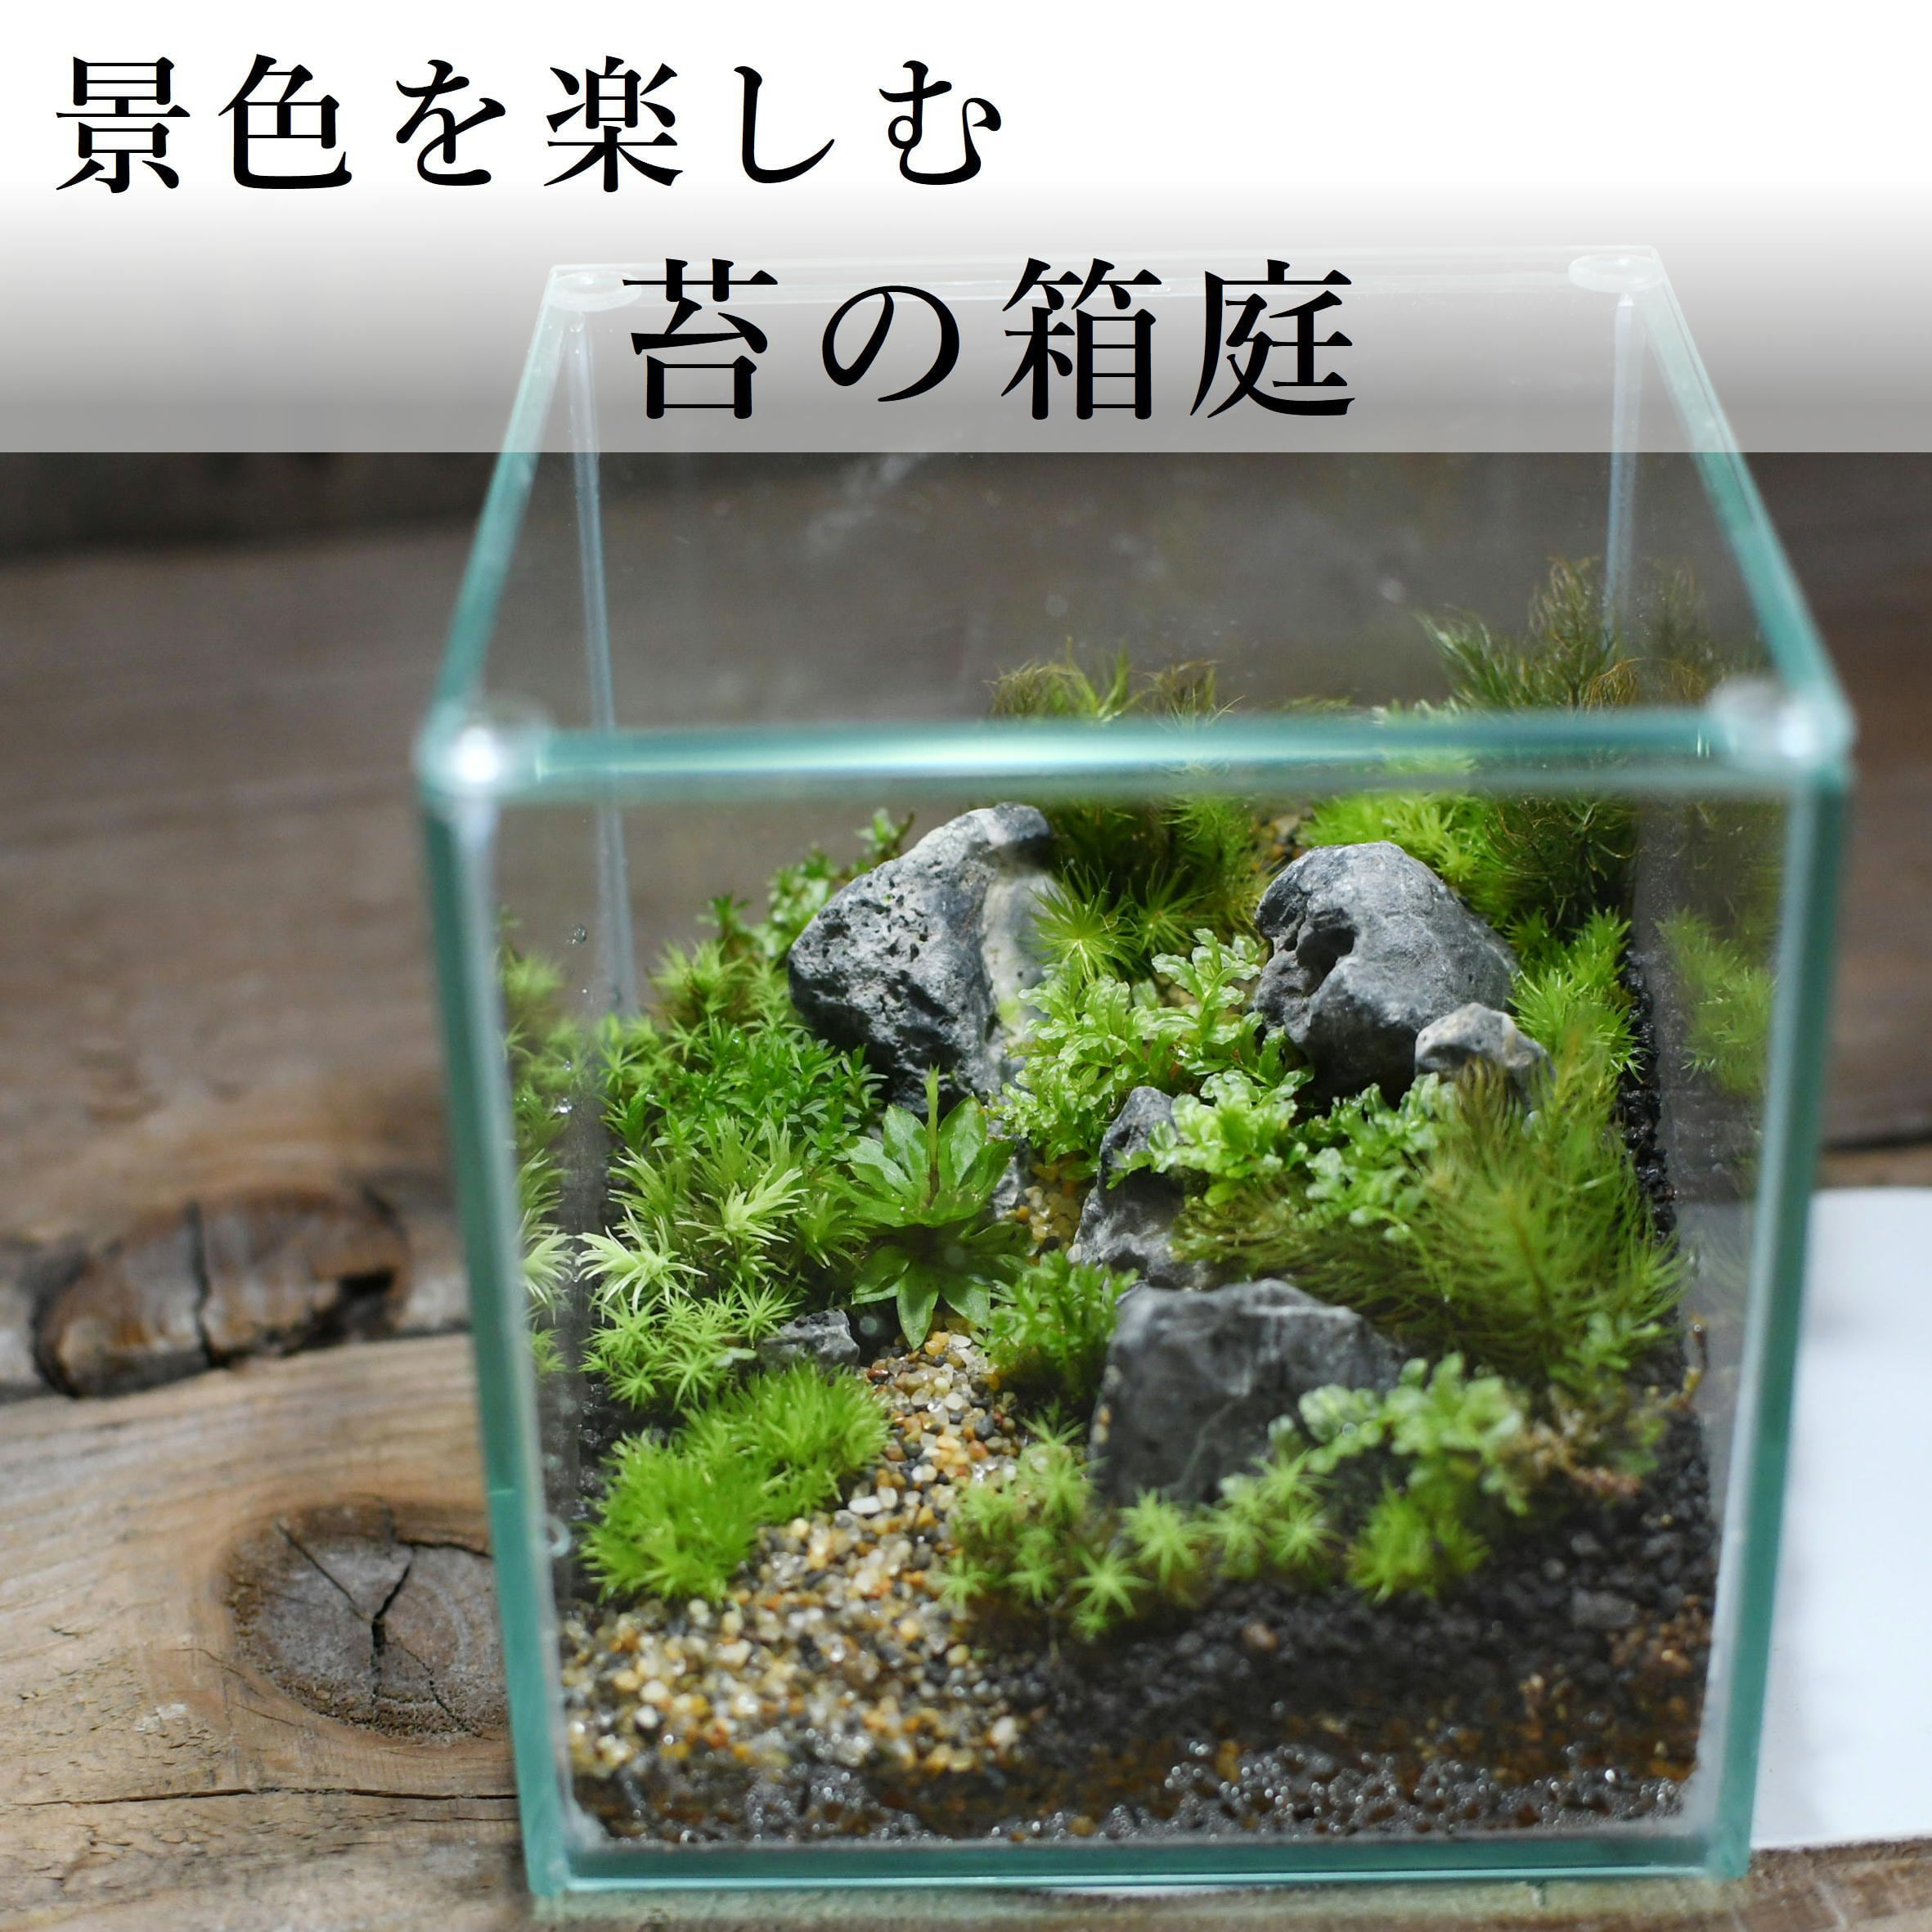 【景色を楽しむ苔テラリウム】苔景−コケの箱庭 −